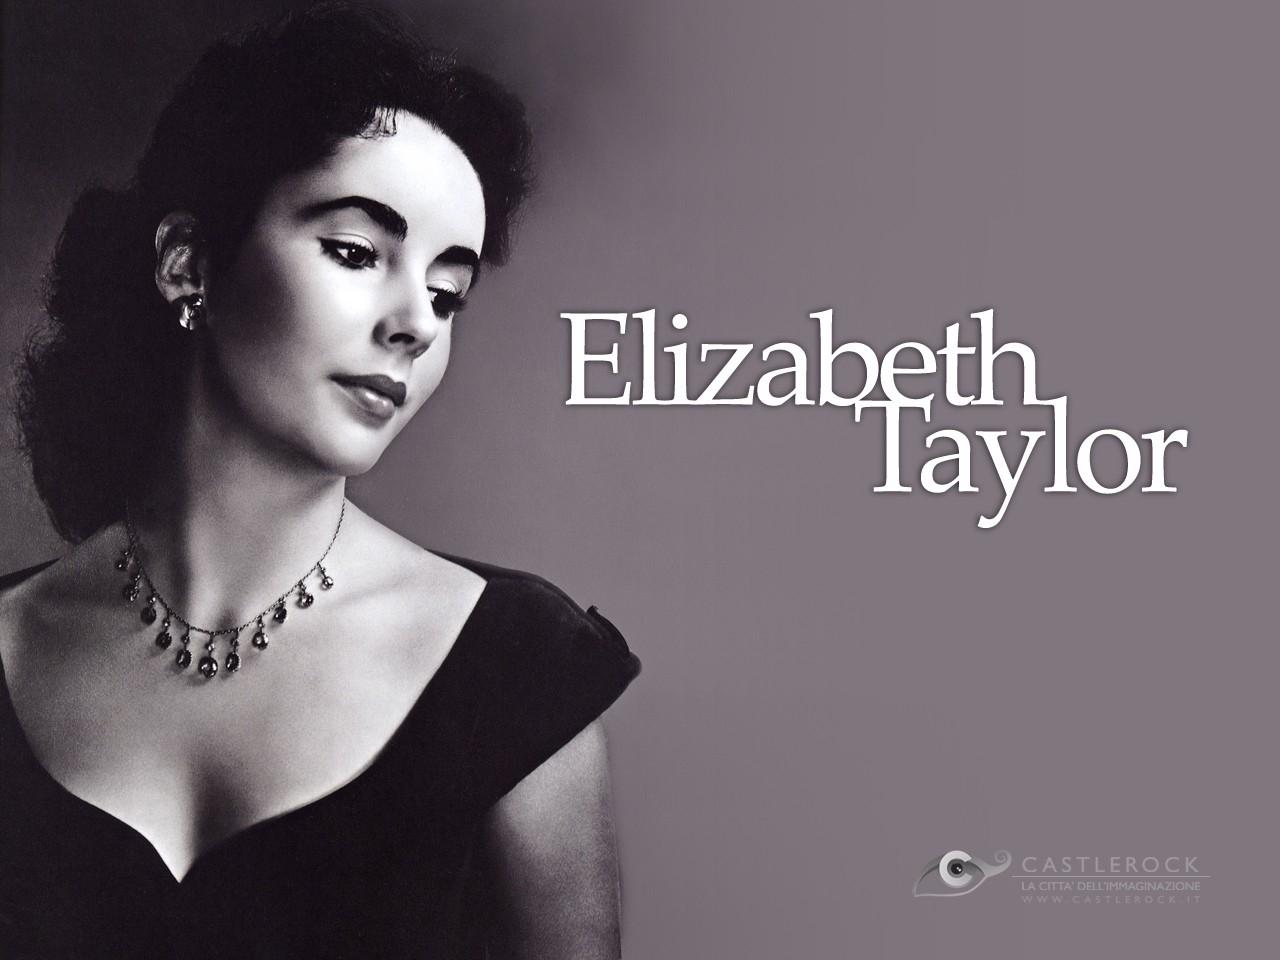 http://3.bp.blogspot.com/-eLCuLMZNz1g/TZiv1W0qoUI/AAAAAAAAab8/0Tln6kr4QGM/s1600/wallpaper-di-elizabeth-taylor-62058.jpg